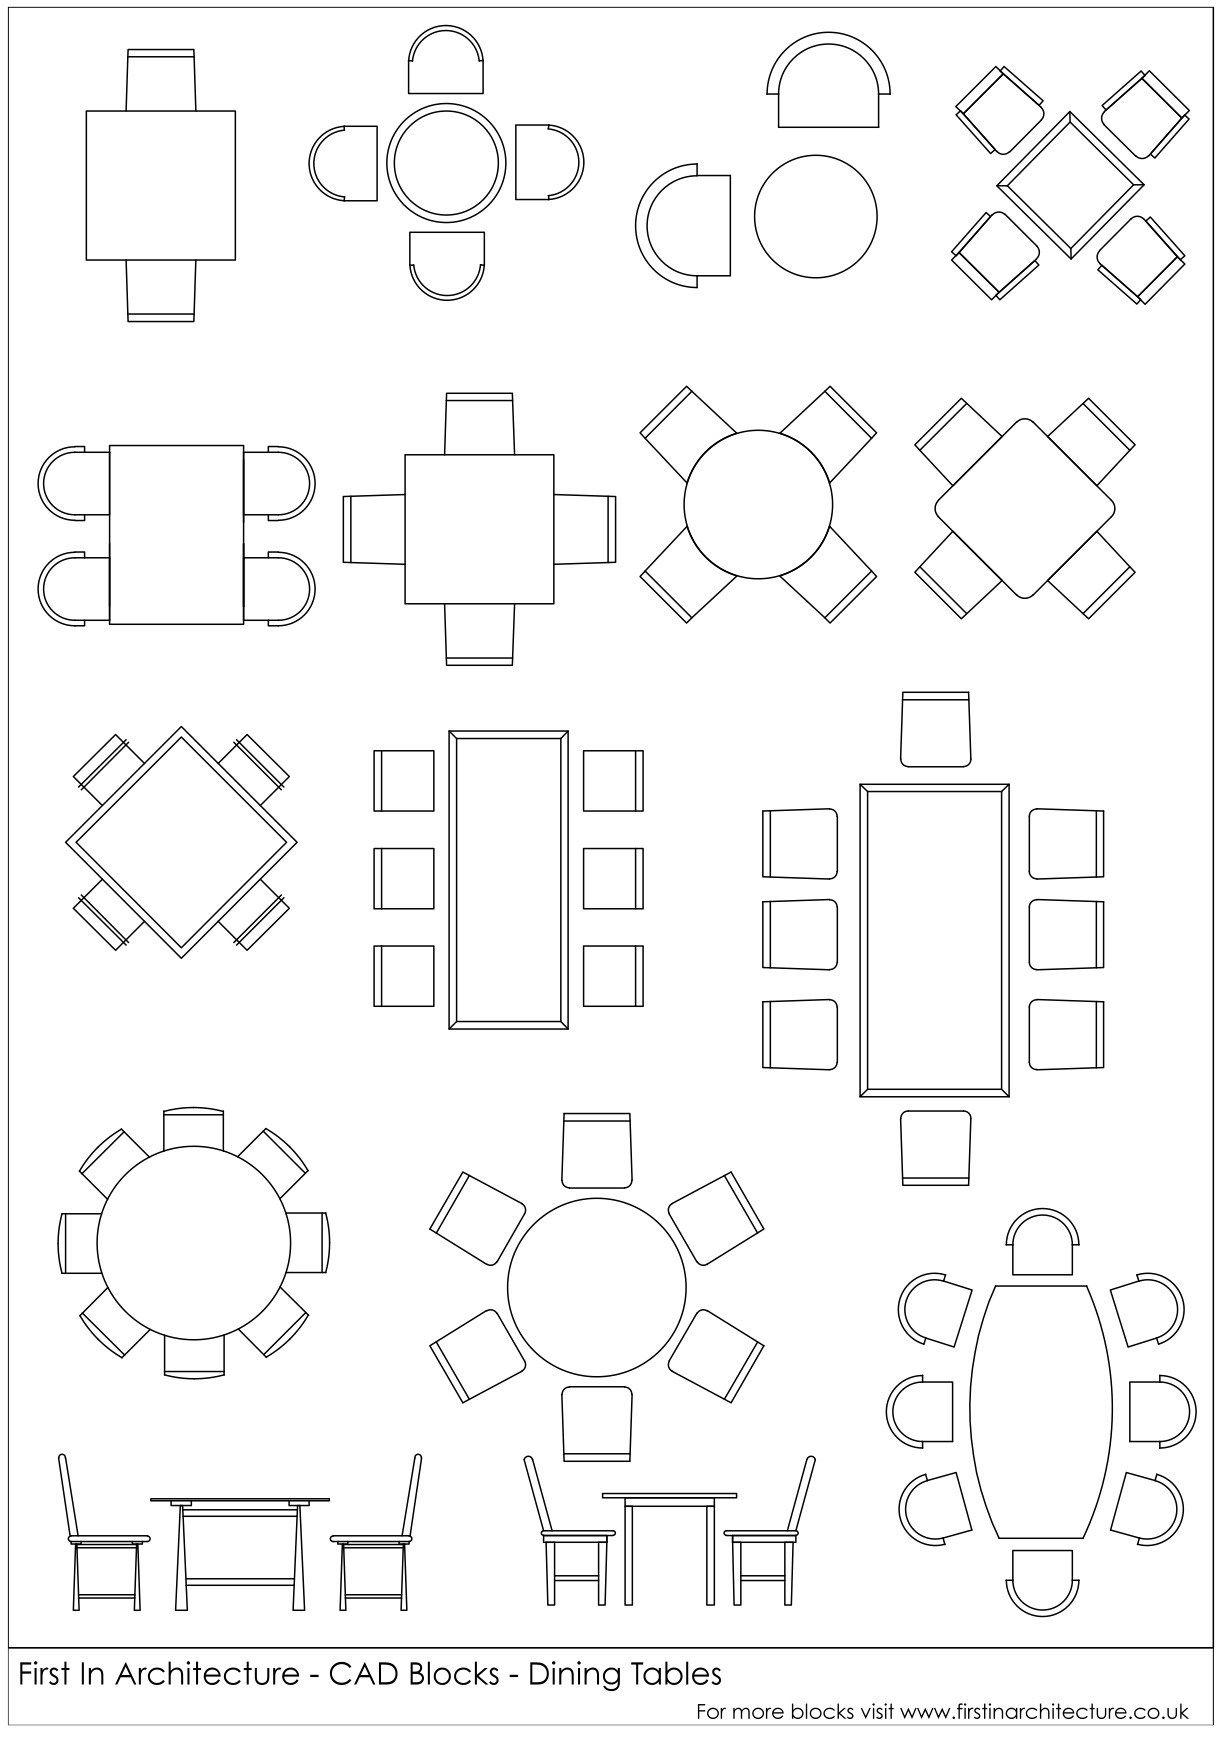 Fia Cad Blocks Dining Tables Jpg 1 223 1 737 Pixels Architect  -> Blocos Cad Sala De Estar